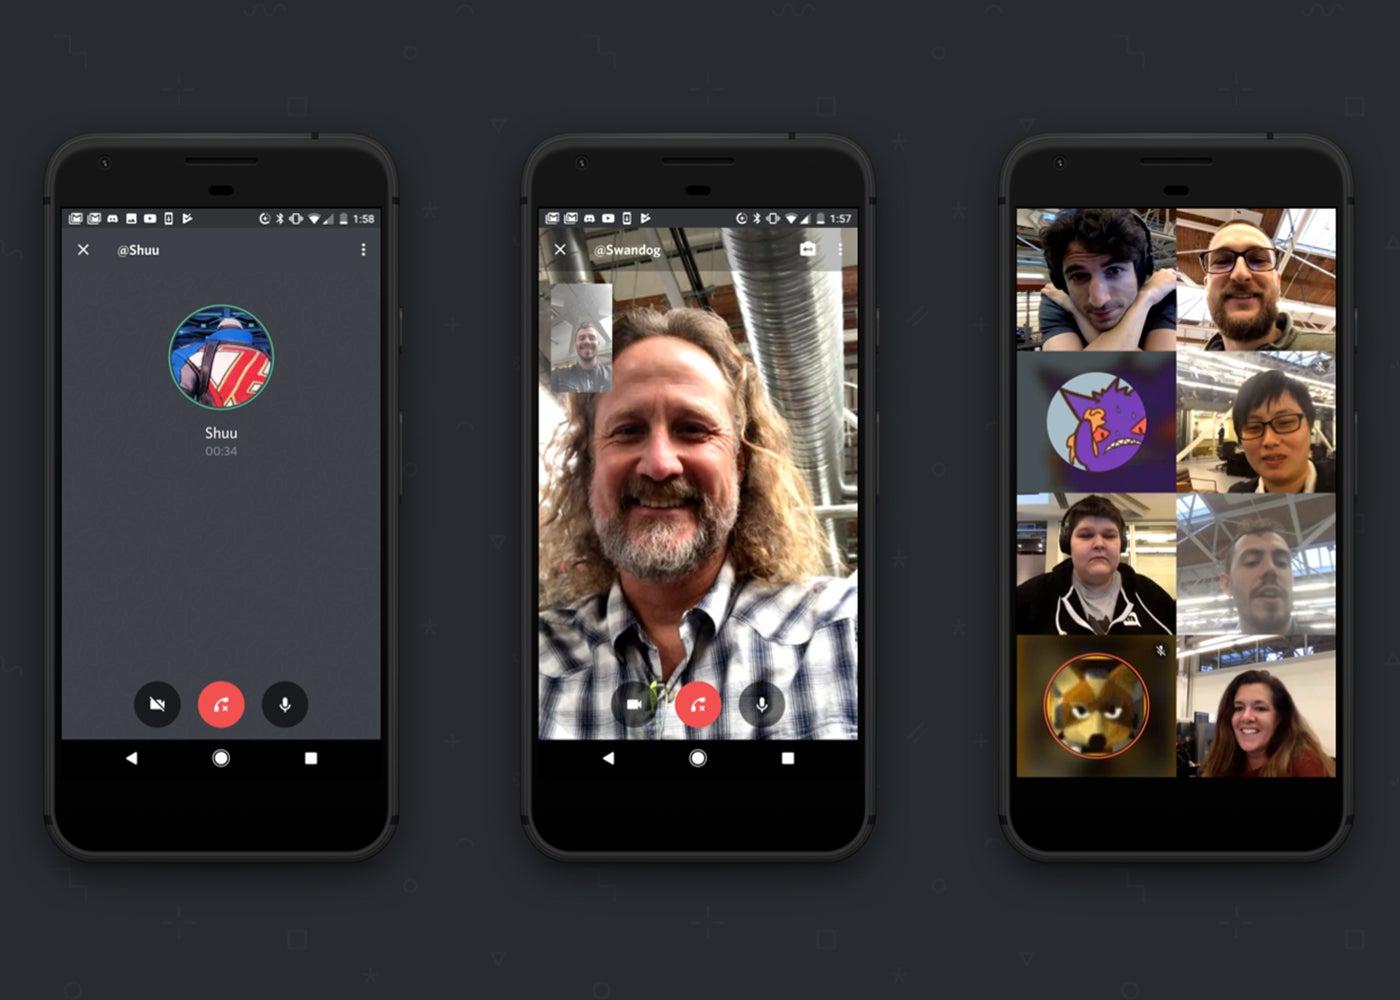 Zwietracht für Android